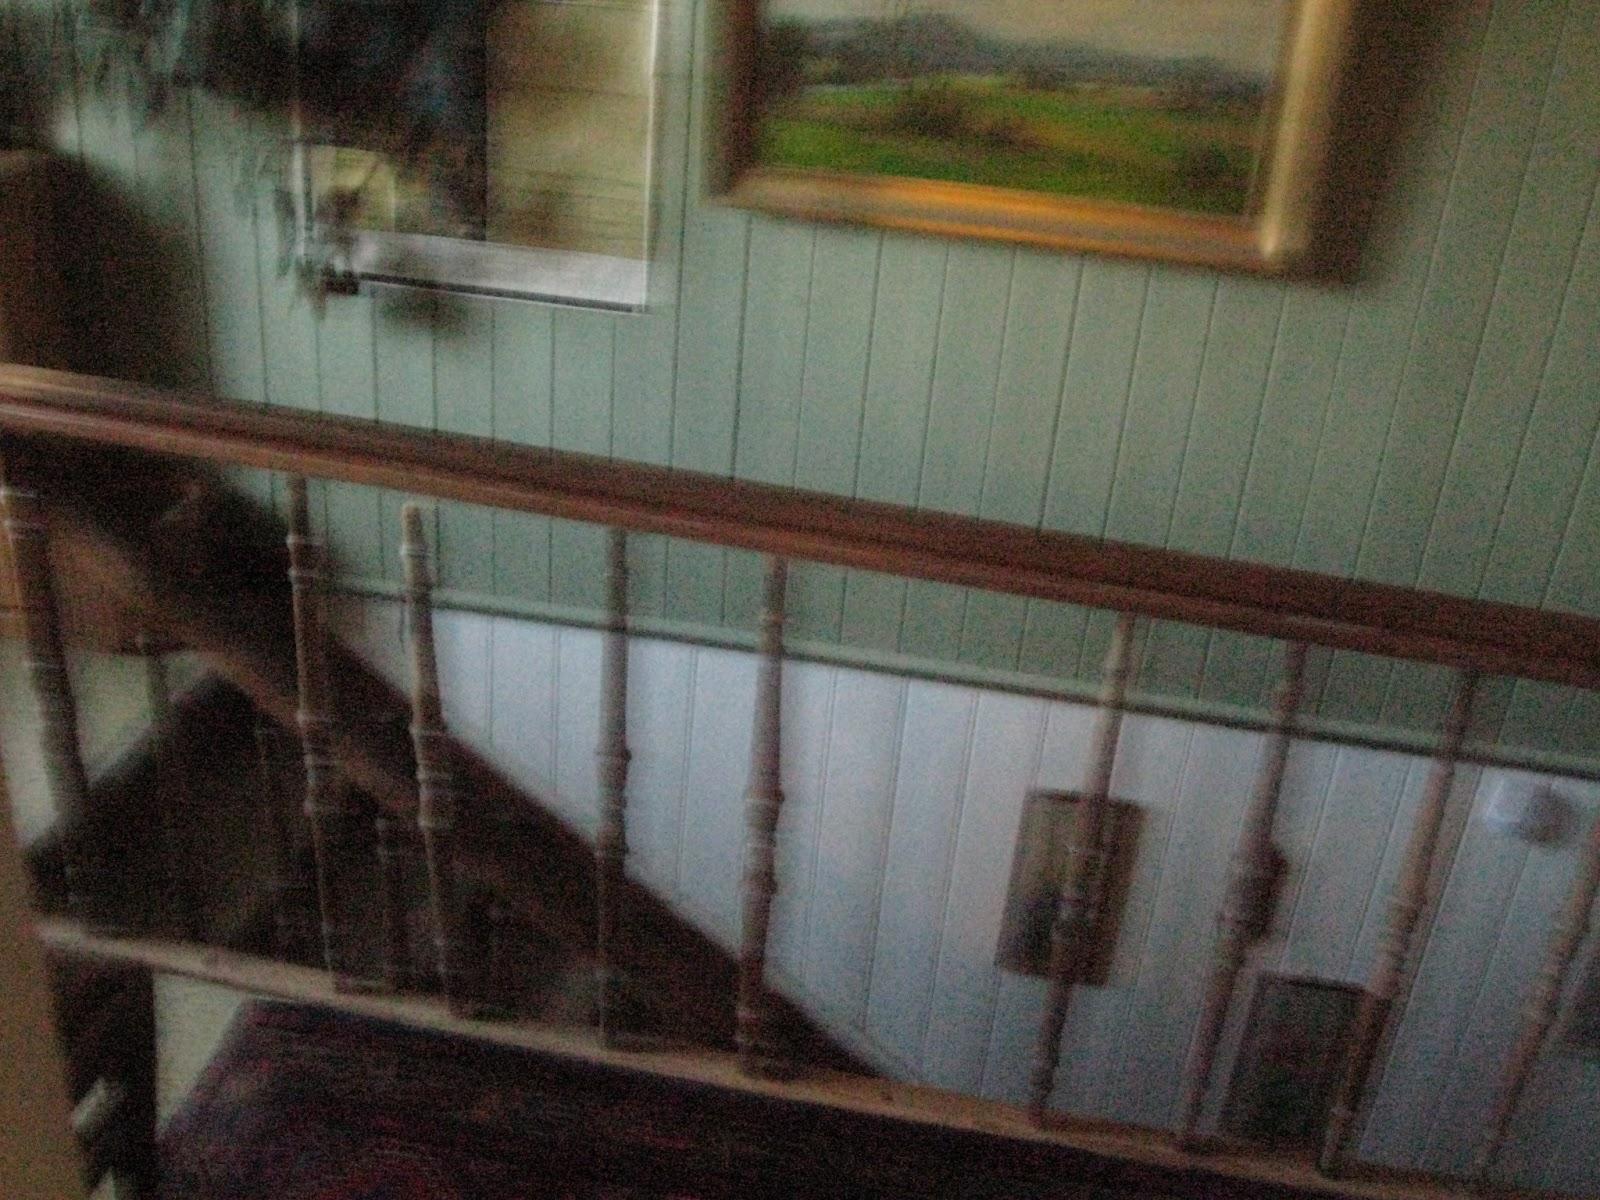 Treppengeländer Verkleiden wohnzimmerz treppengeländer verkleiden with treppe unten